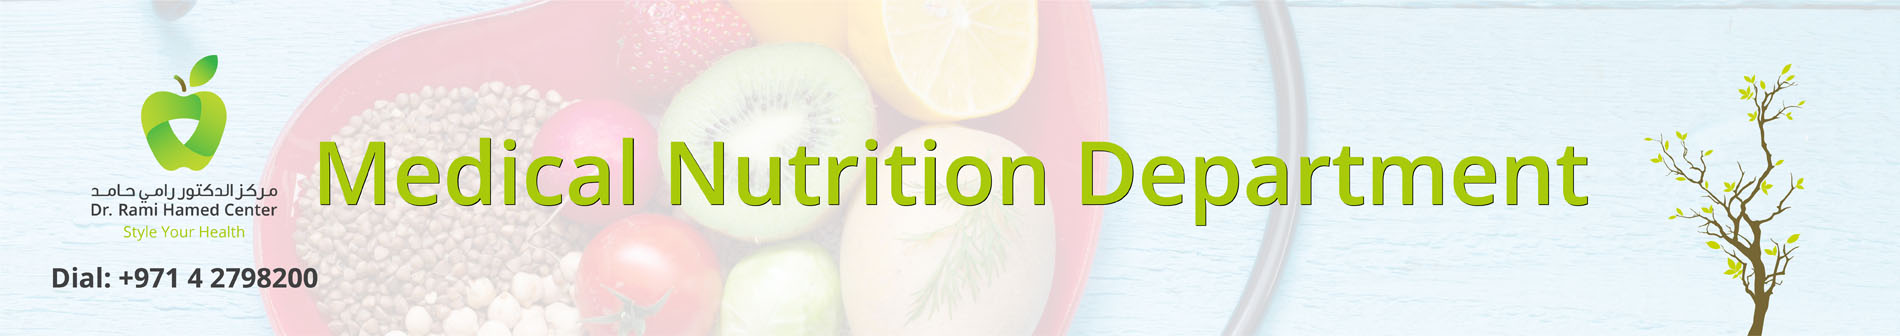 Dubai Nutrition Clinic Medical Nutrition